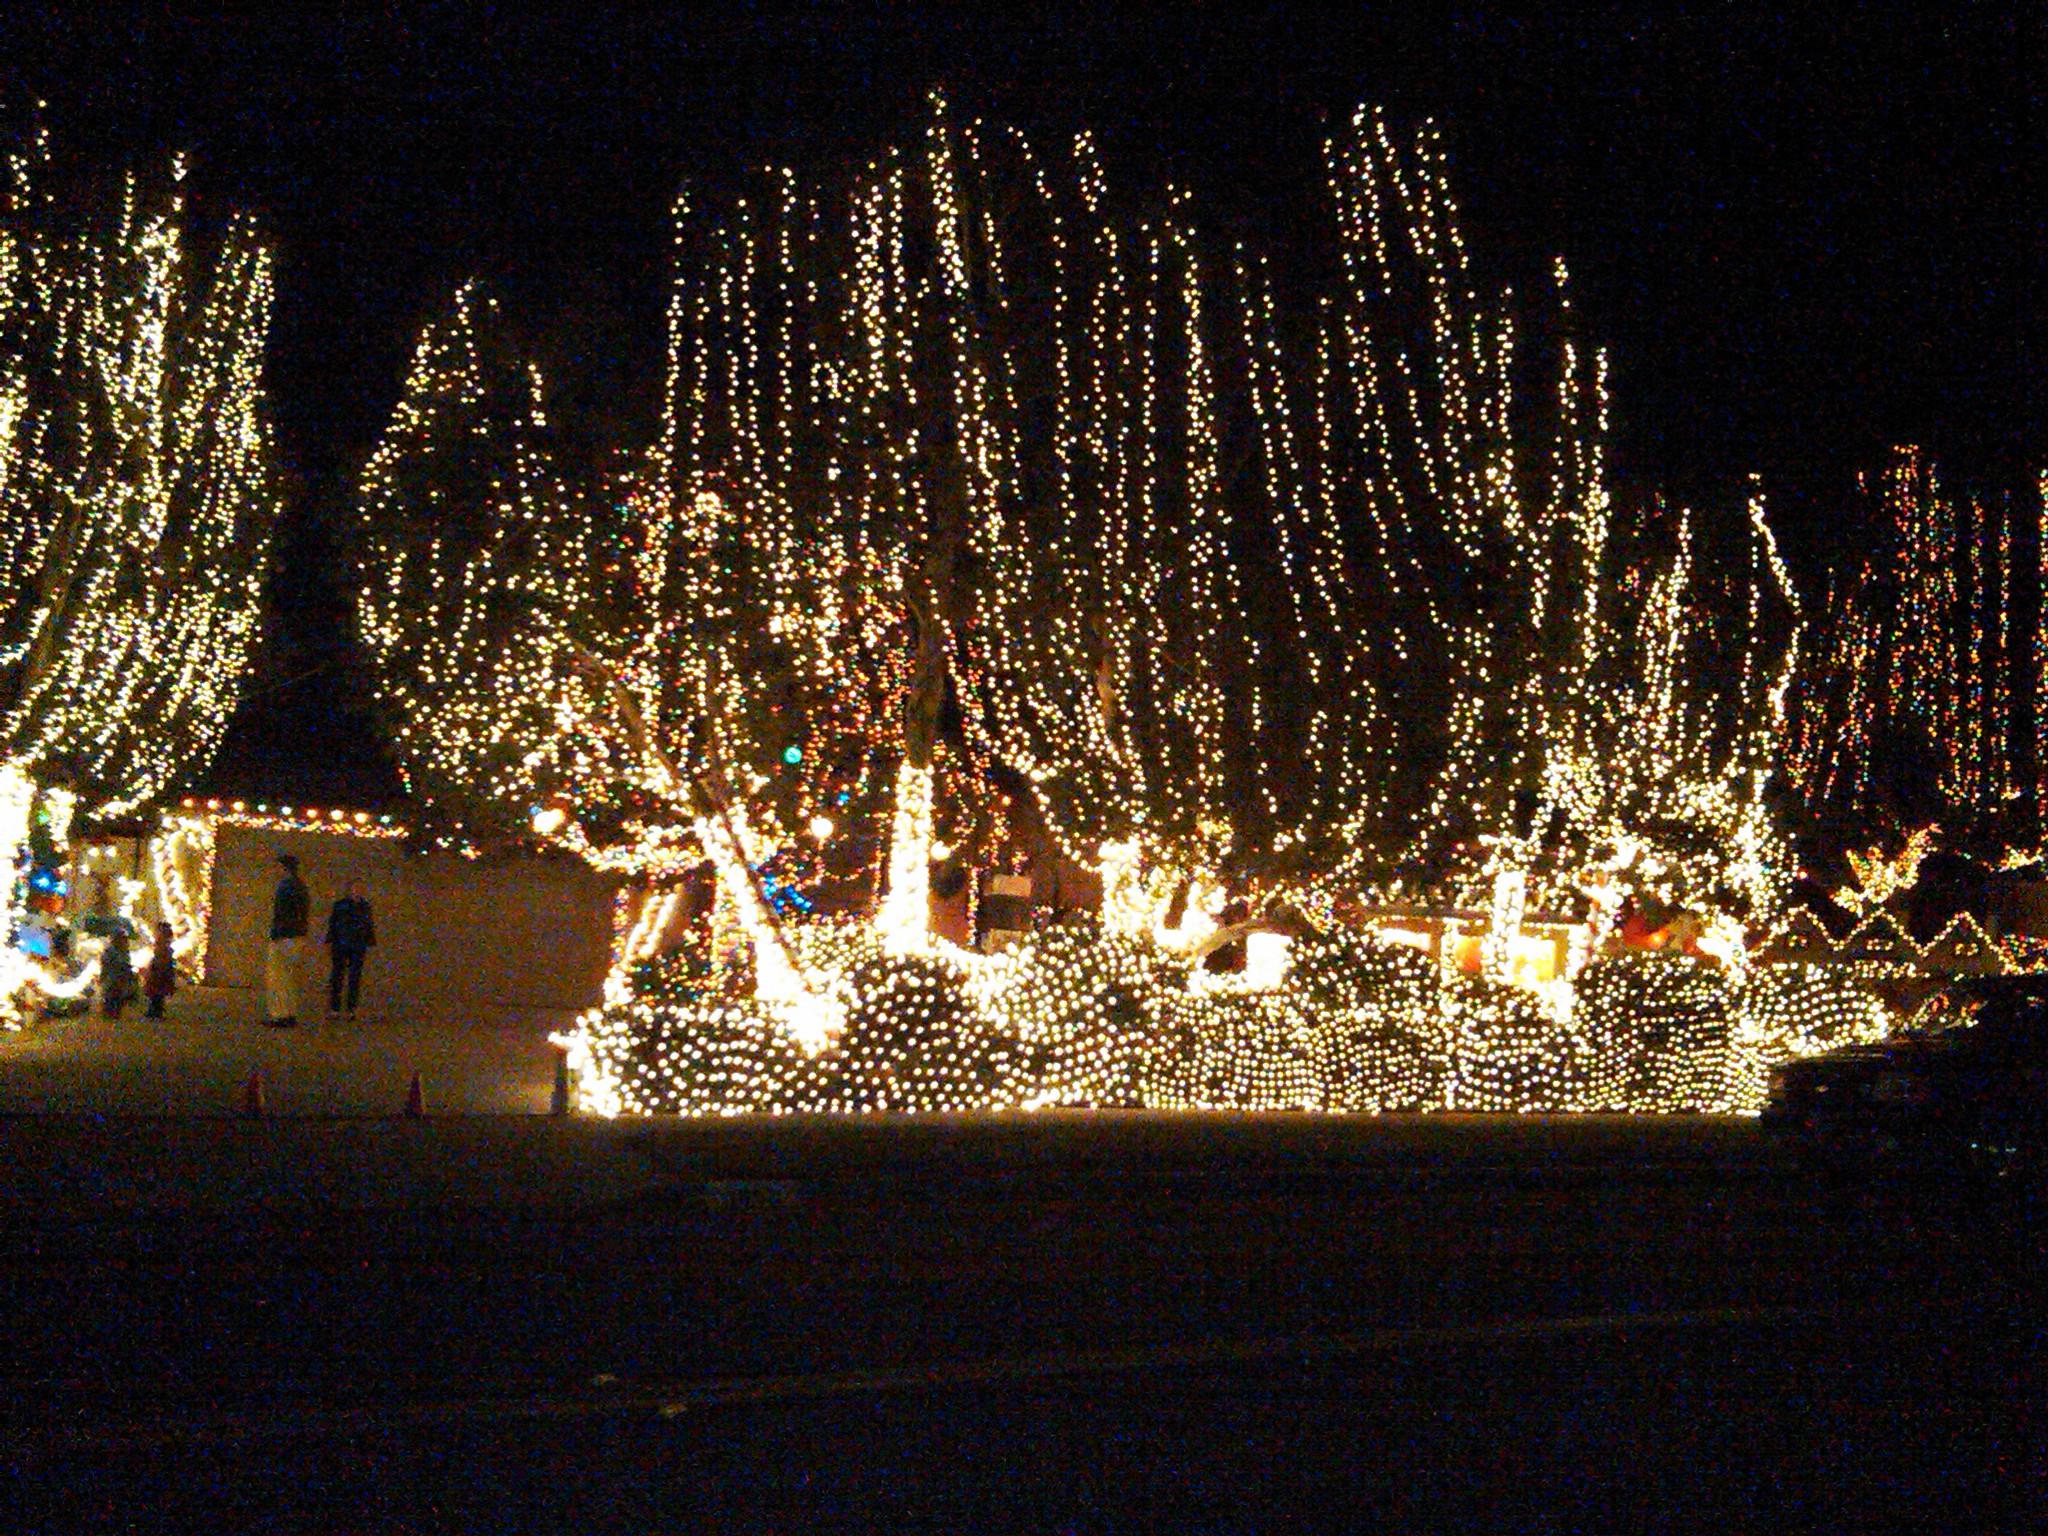 Garrison Street is a winter wonderland in December!